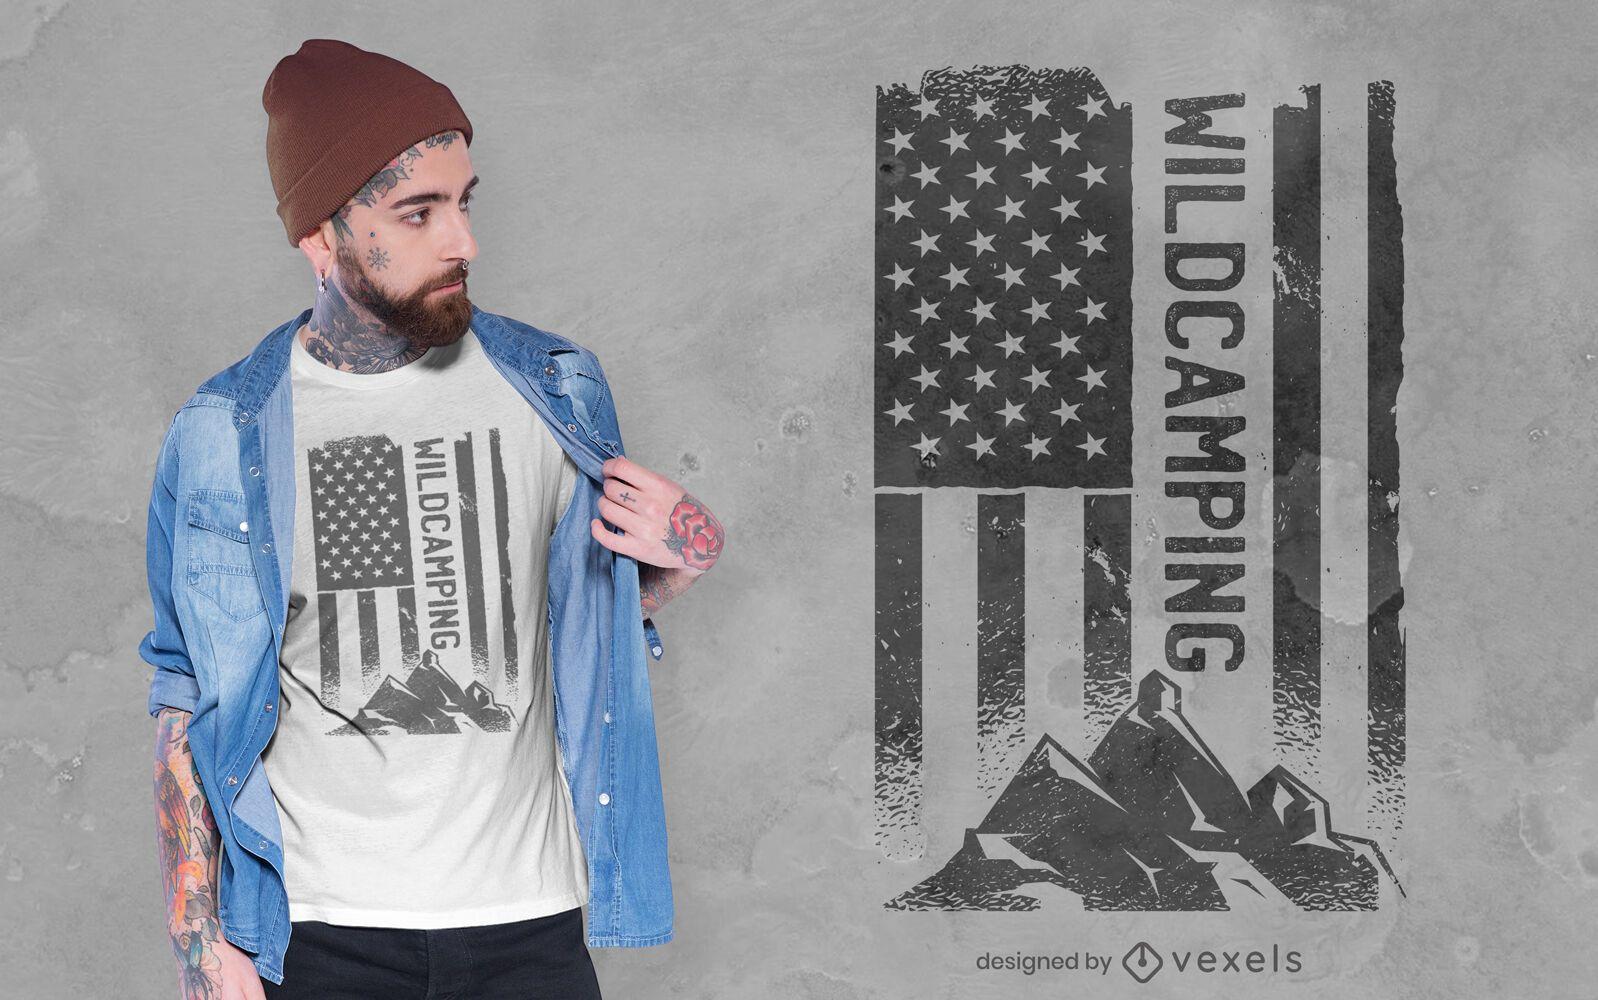 Dise?o de camiseta de monta?a con bandera estadounidense